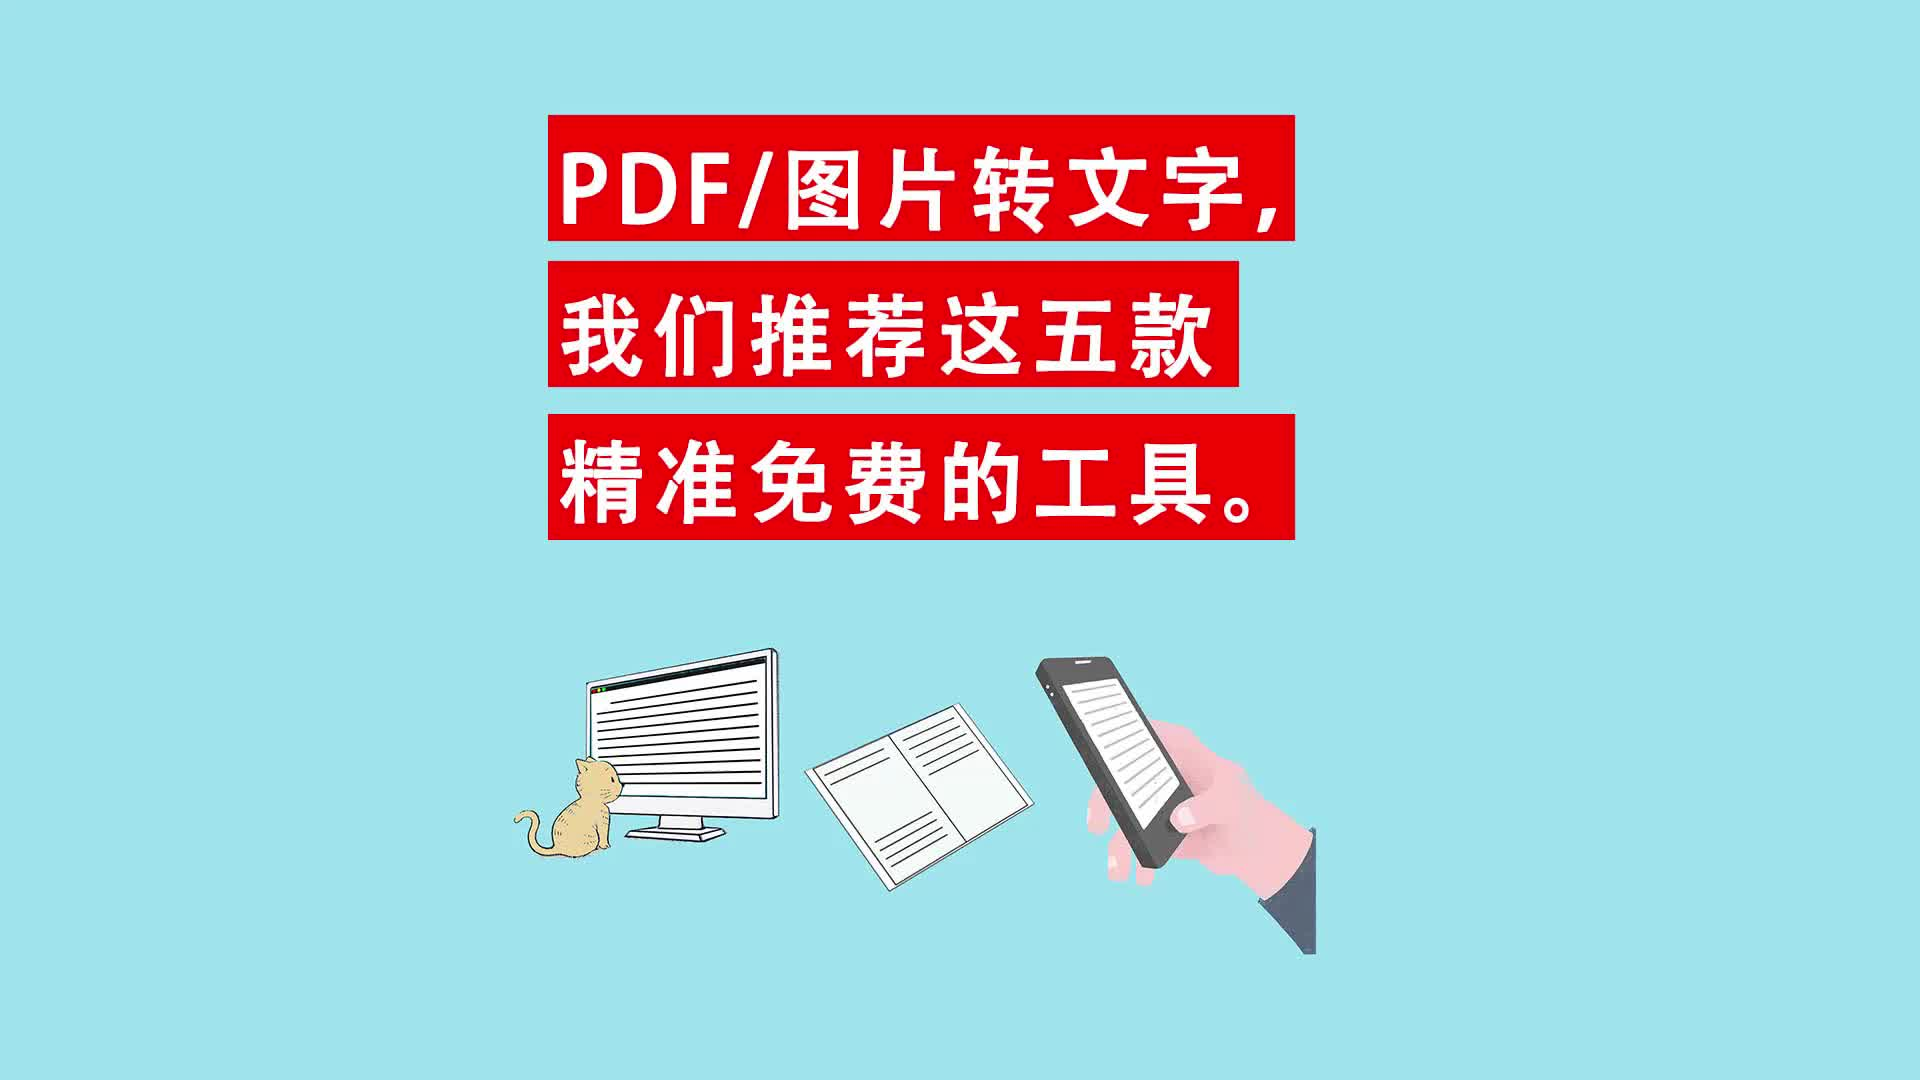 PDF图片转文字,我们推荐这五款精准、免费的工具